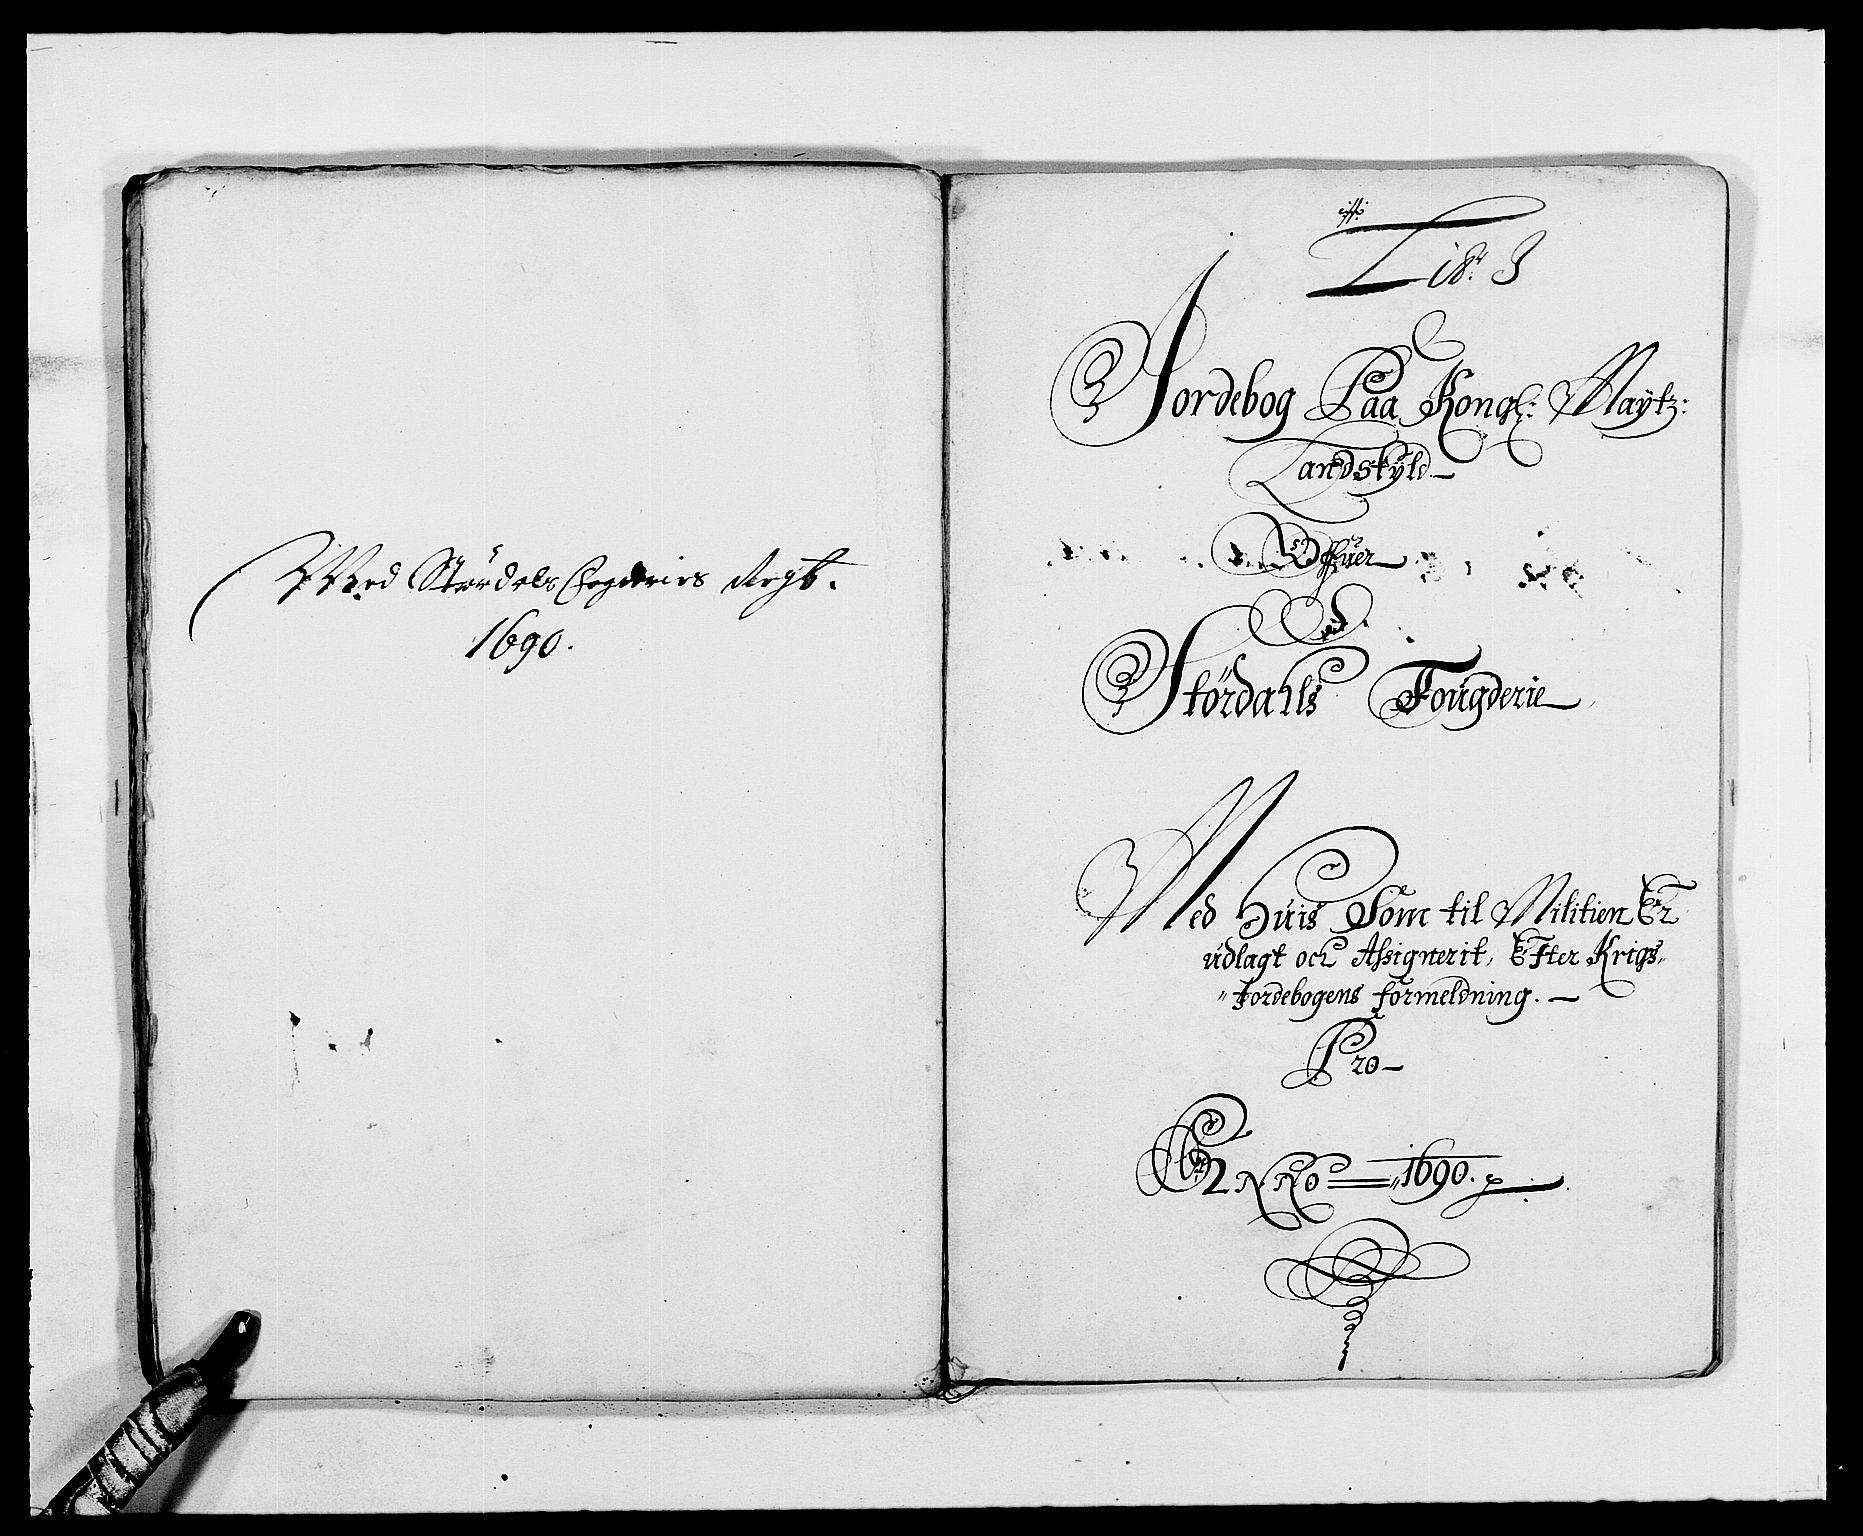 RA, Rentekammeret inntil 1814, Reviderte regnskaper, Fogderegnskap, R62/L4184: Fogderegnskap Stjørdal og Verdal, 1690-1691, s. 141